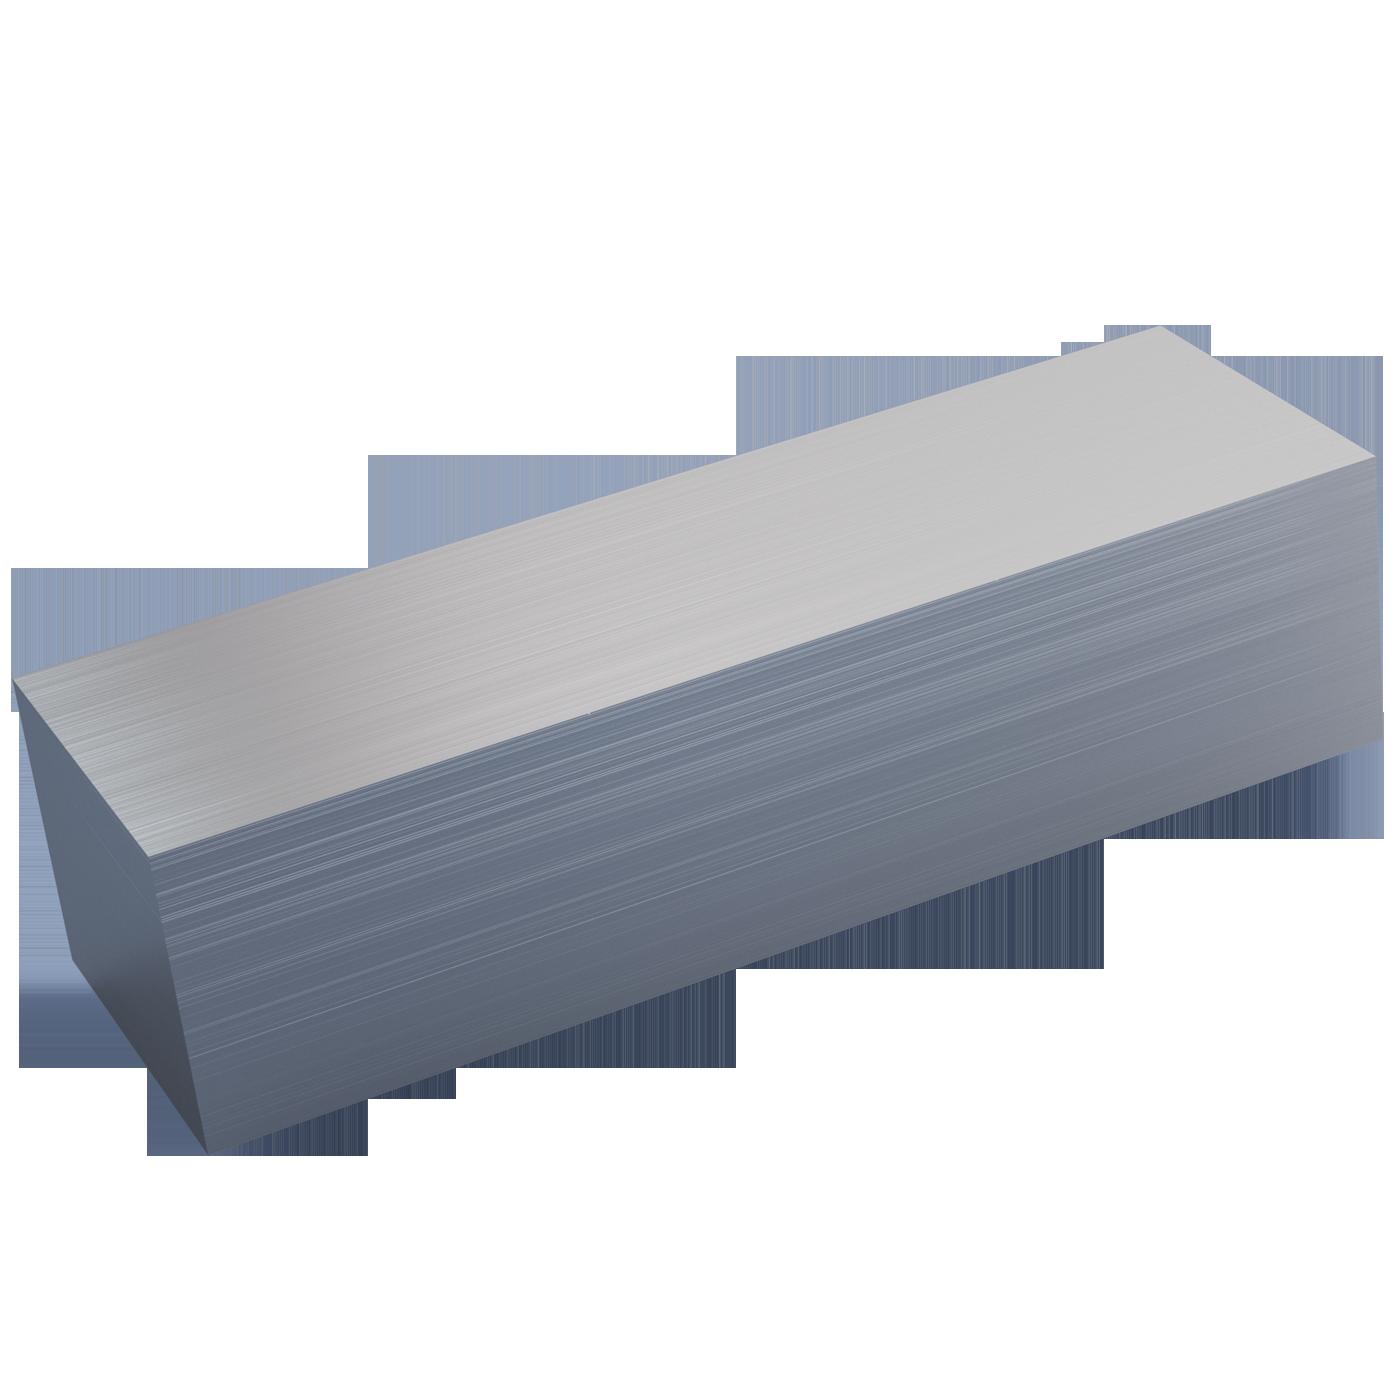 mbo Oßwald ist Anbieter von Paßfeder, Paßfedern, Passfeder, Passfedern, nach DIN 6885 Form B geradstirnig, hohe Form. mbo Oßwald liefert diese Maschinenelemente in Werkstoff Stahl und Edelstahl.